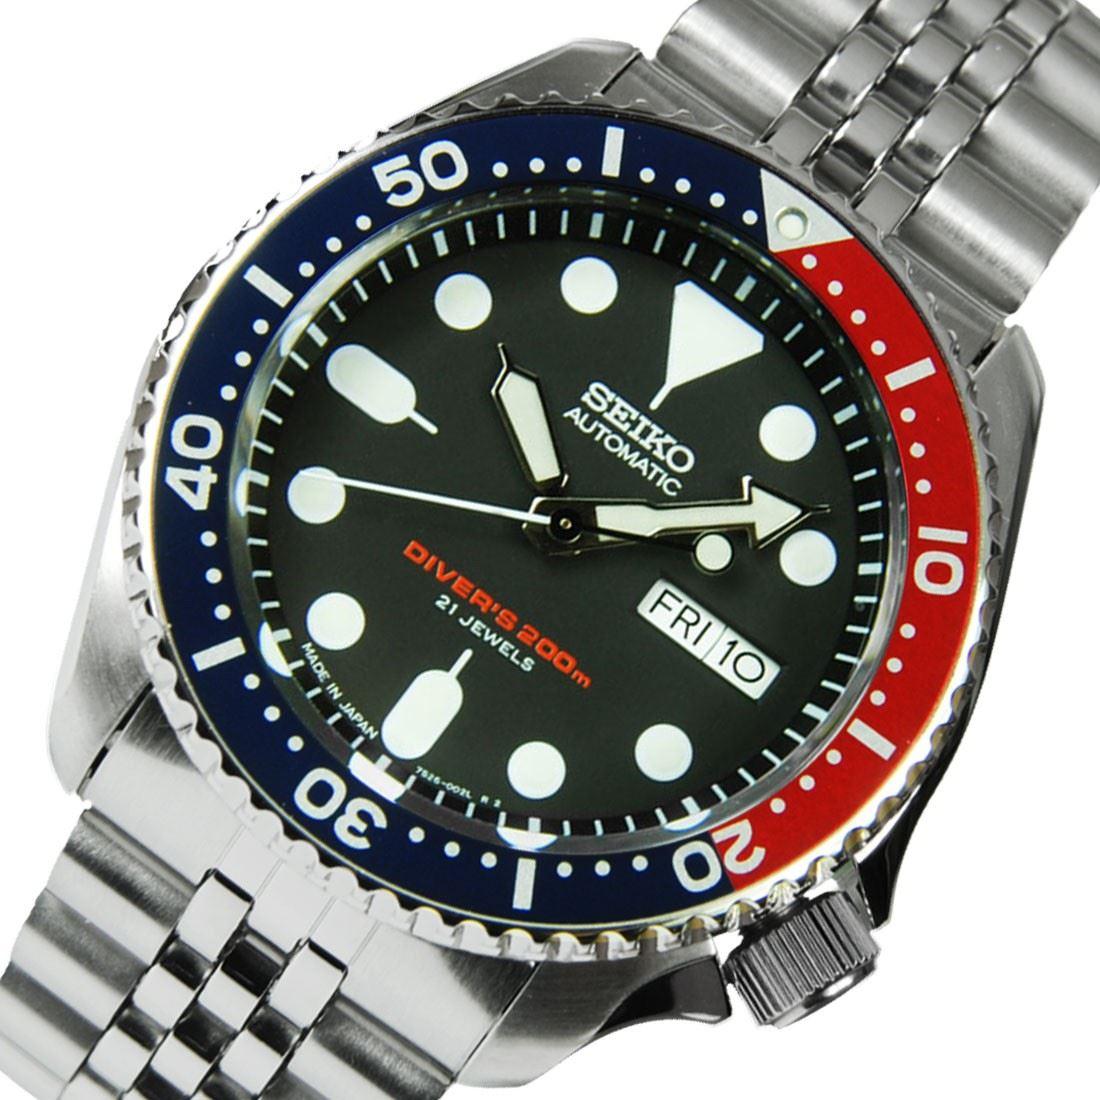 TOP-SELLING-Seiko-SKX009-SKX009J1-SKX009J2-SKX009K1-SKX009K2-Pepsi-Dive-Watch thumbnail 13